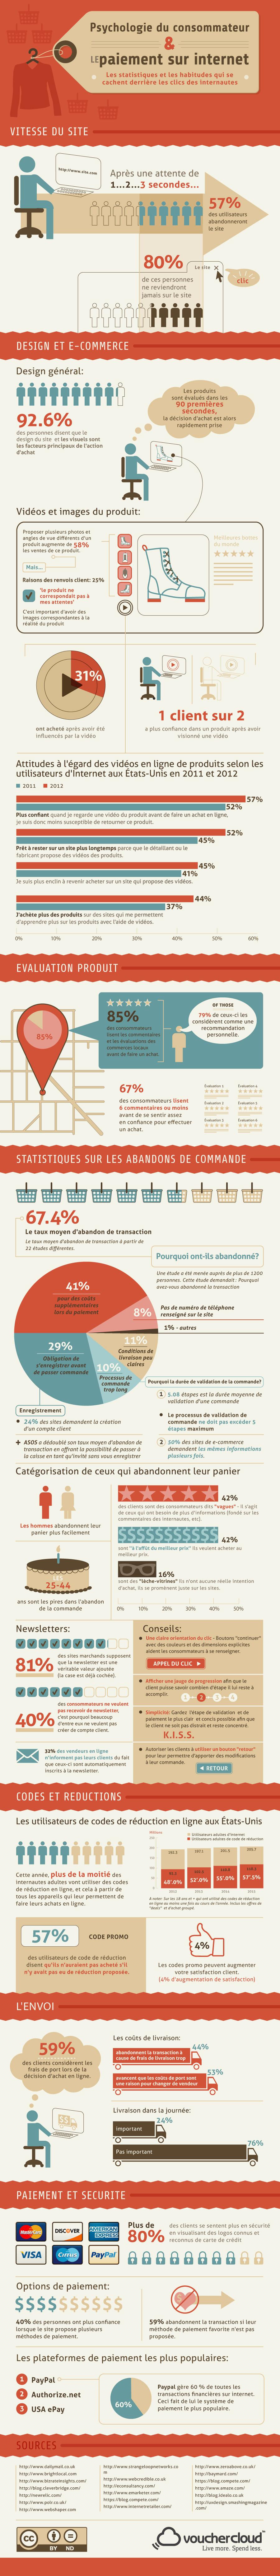 Infographie VoucherCloud : comportements d'achat des Internautes